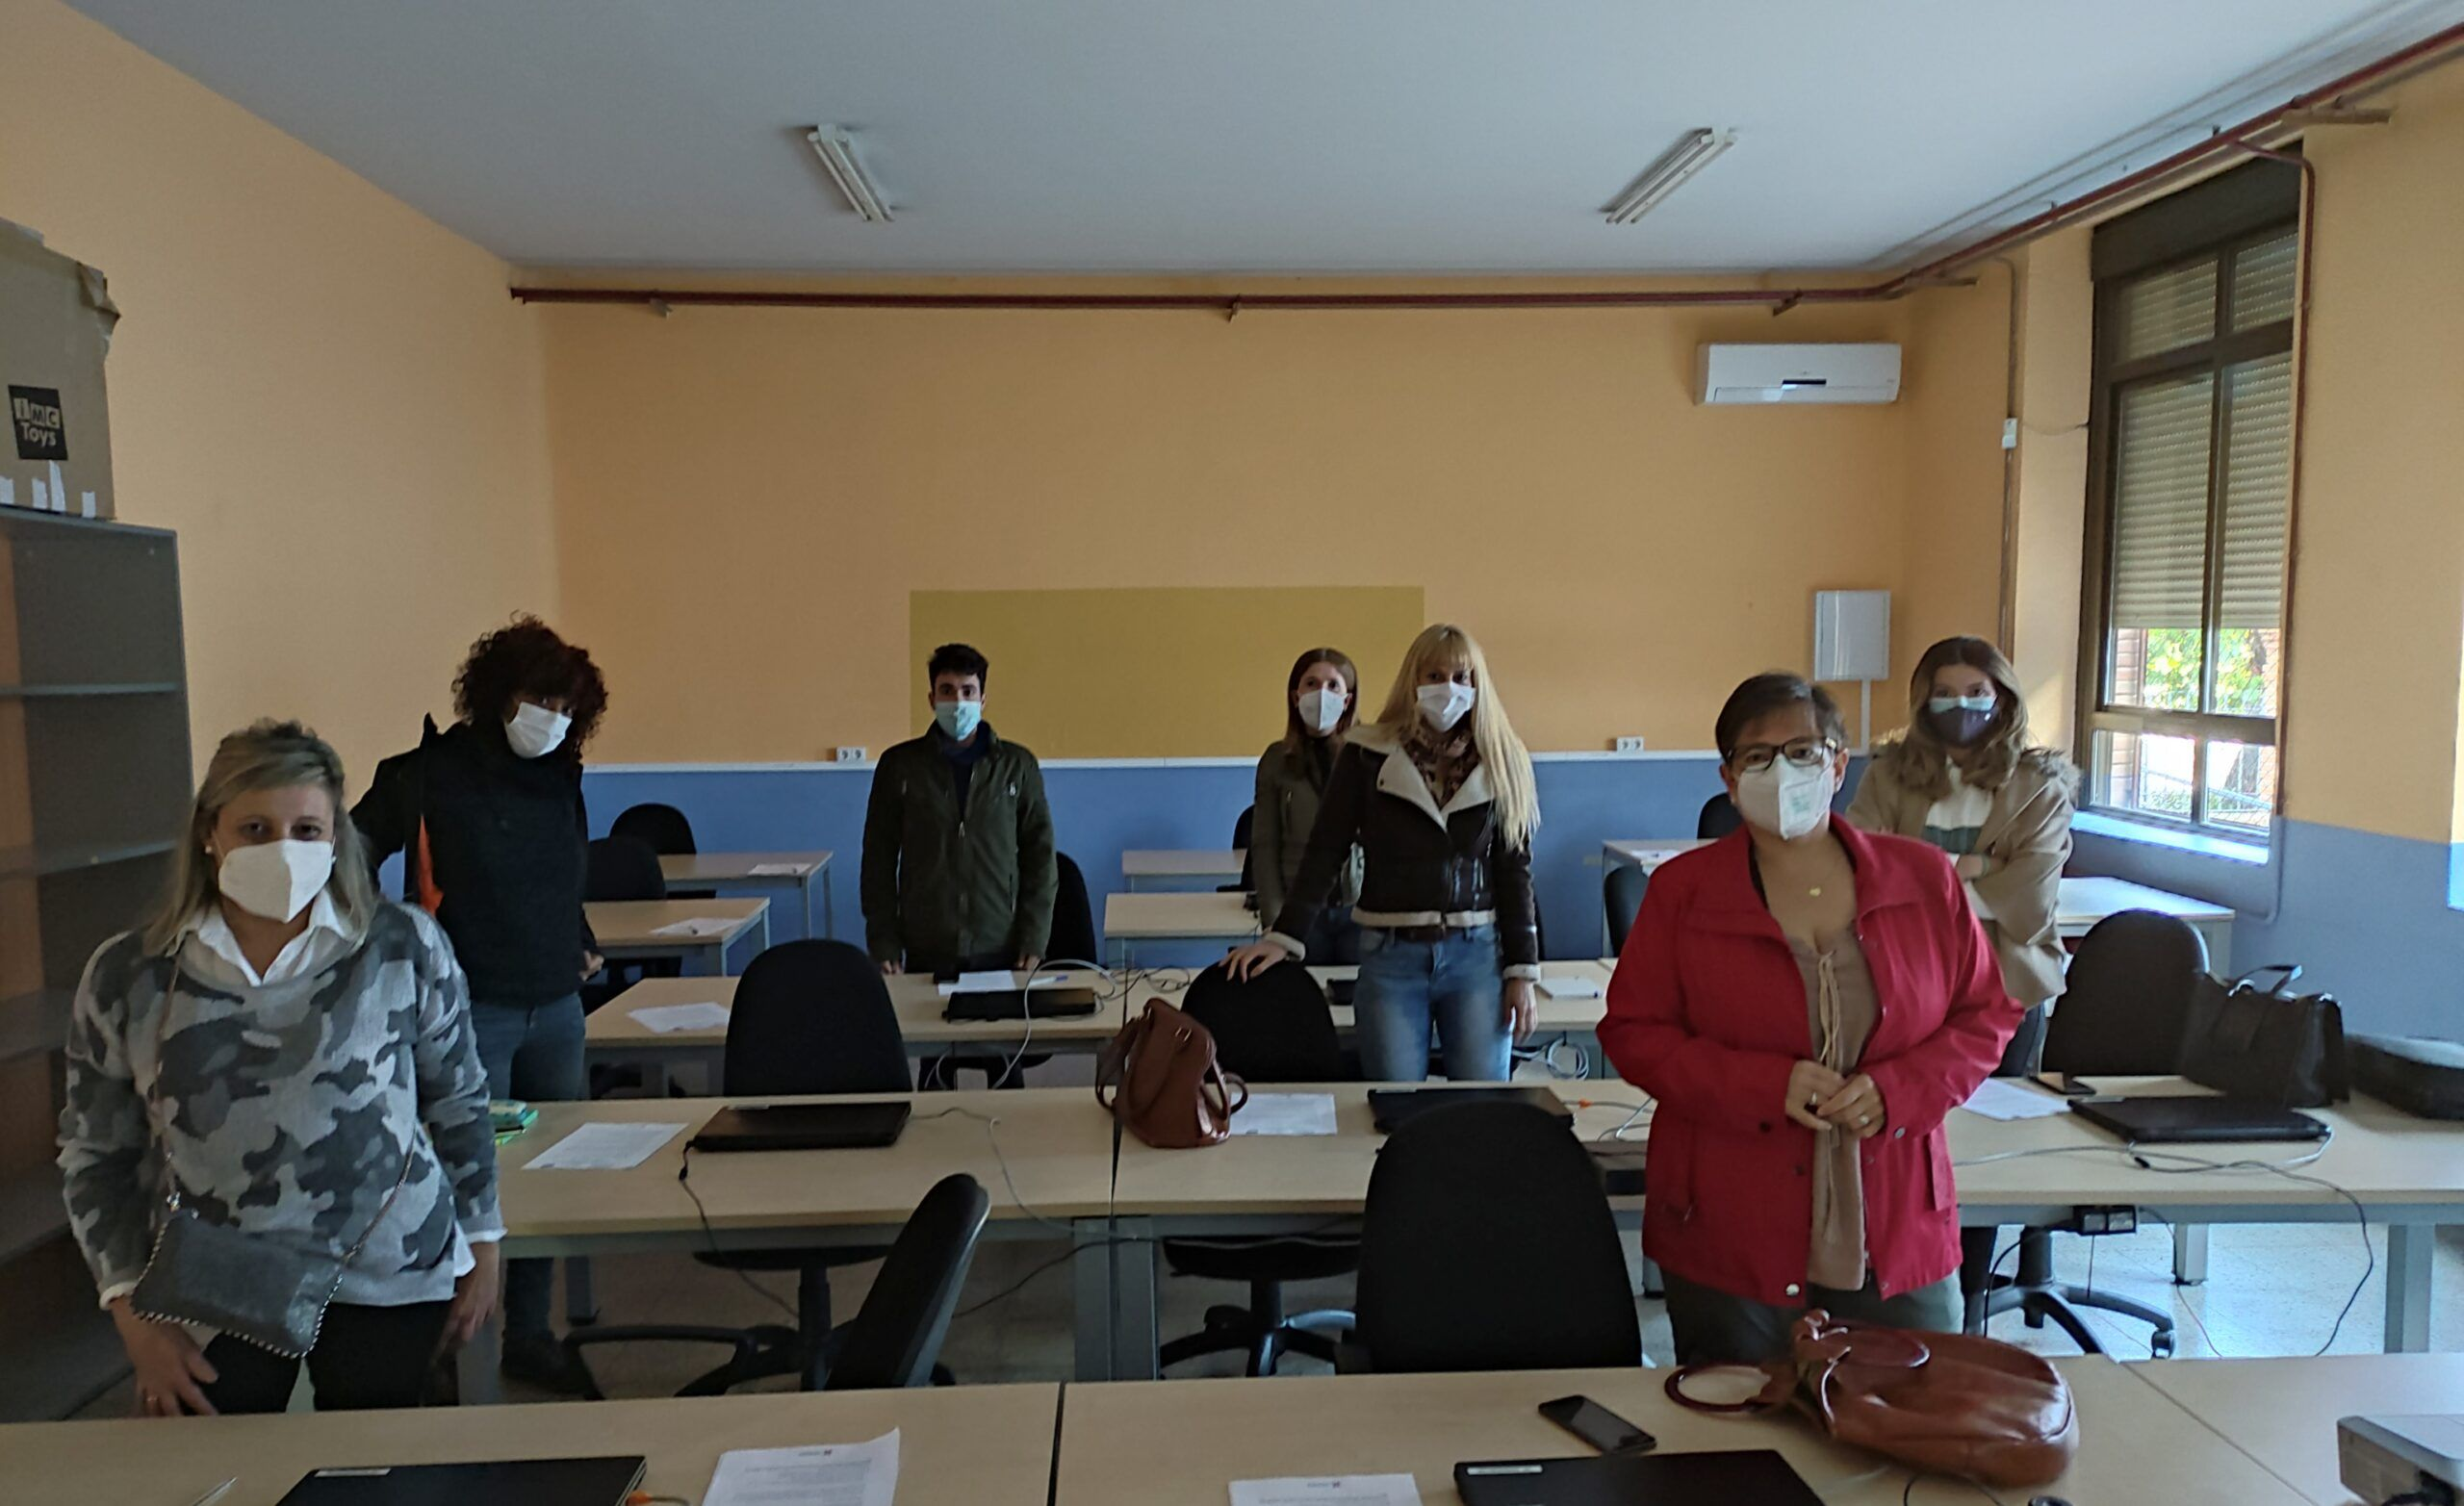 Un total de 30 personas preparan su salida al mercado laboral en la nueva 'Lanzadera conecta Empleo' de Talavera de la Reina